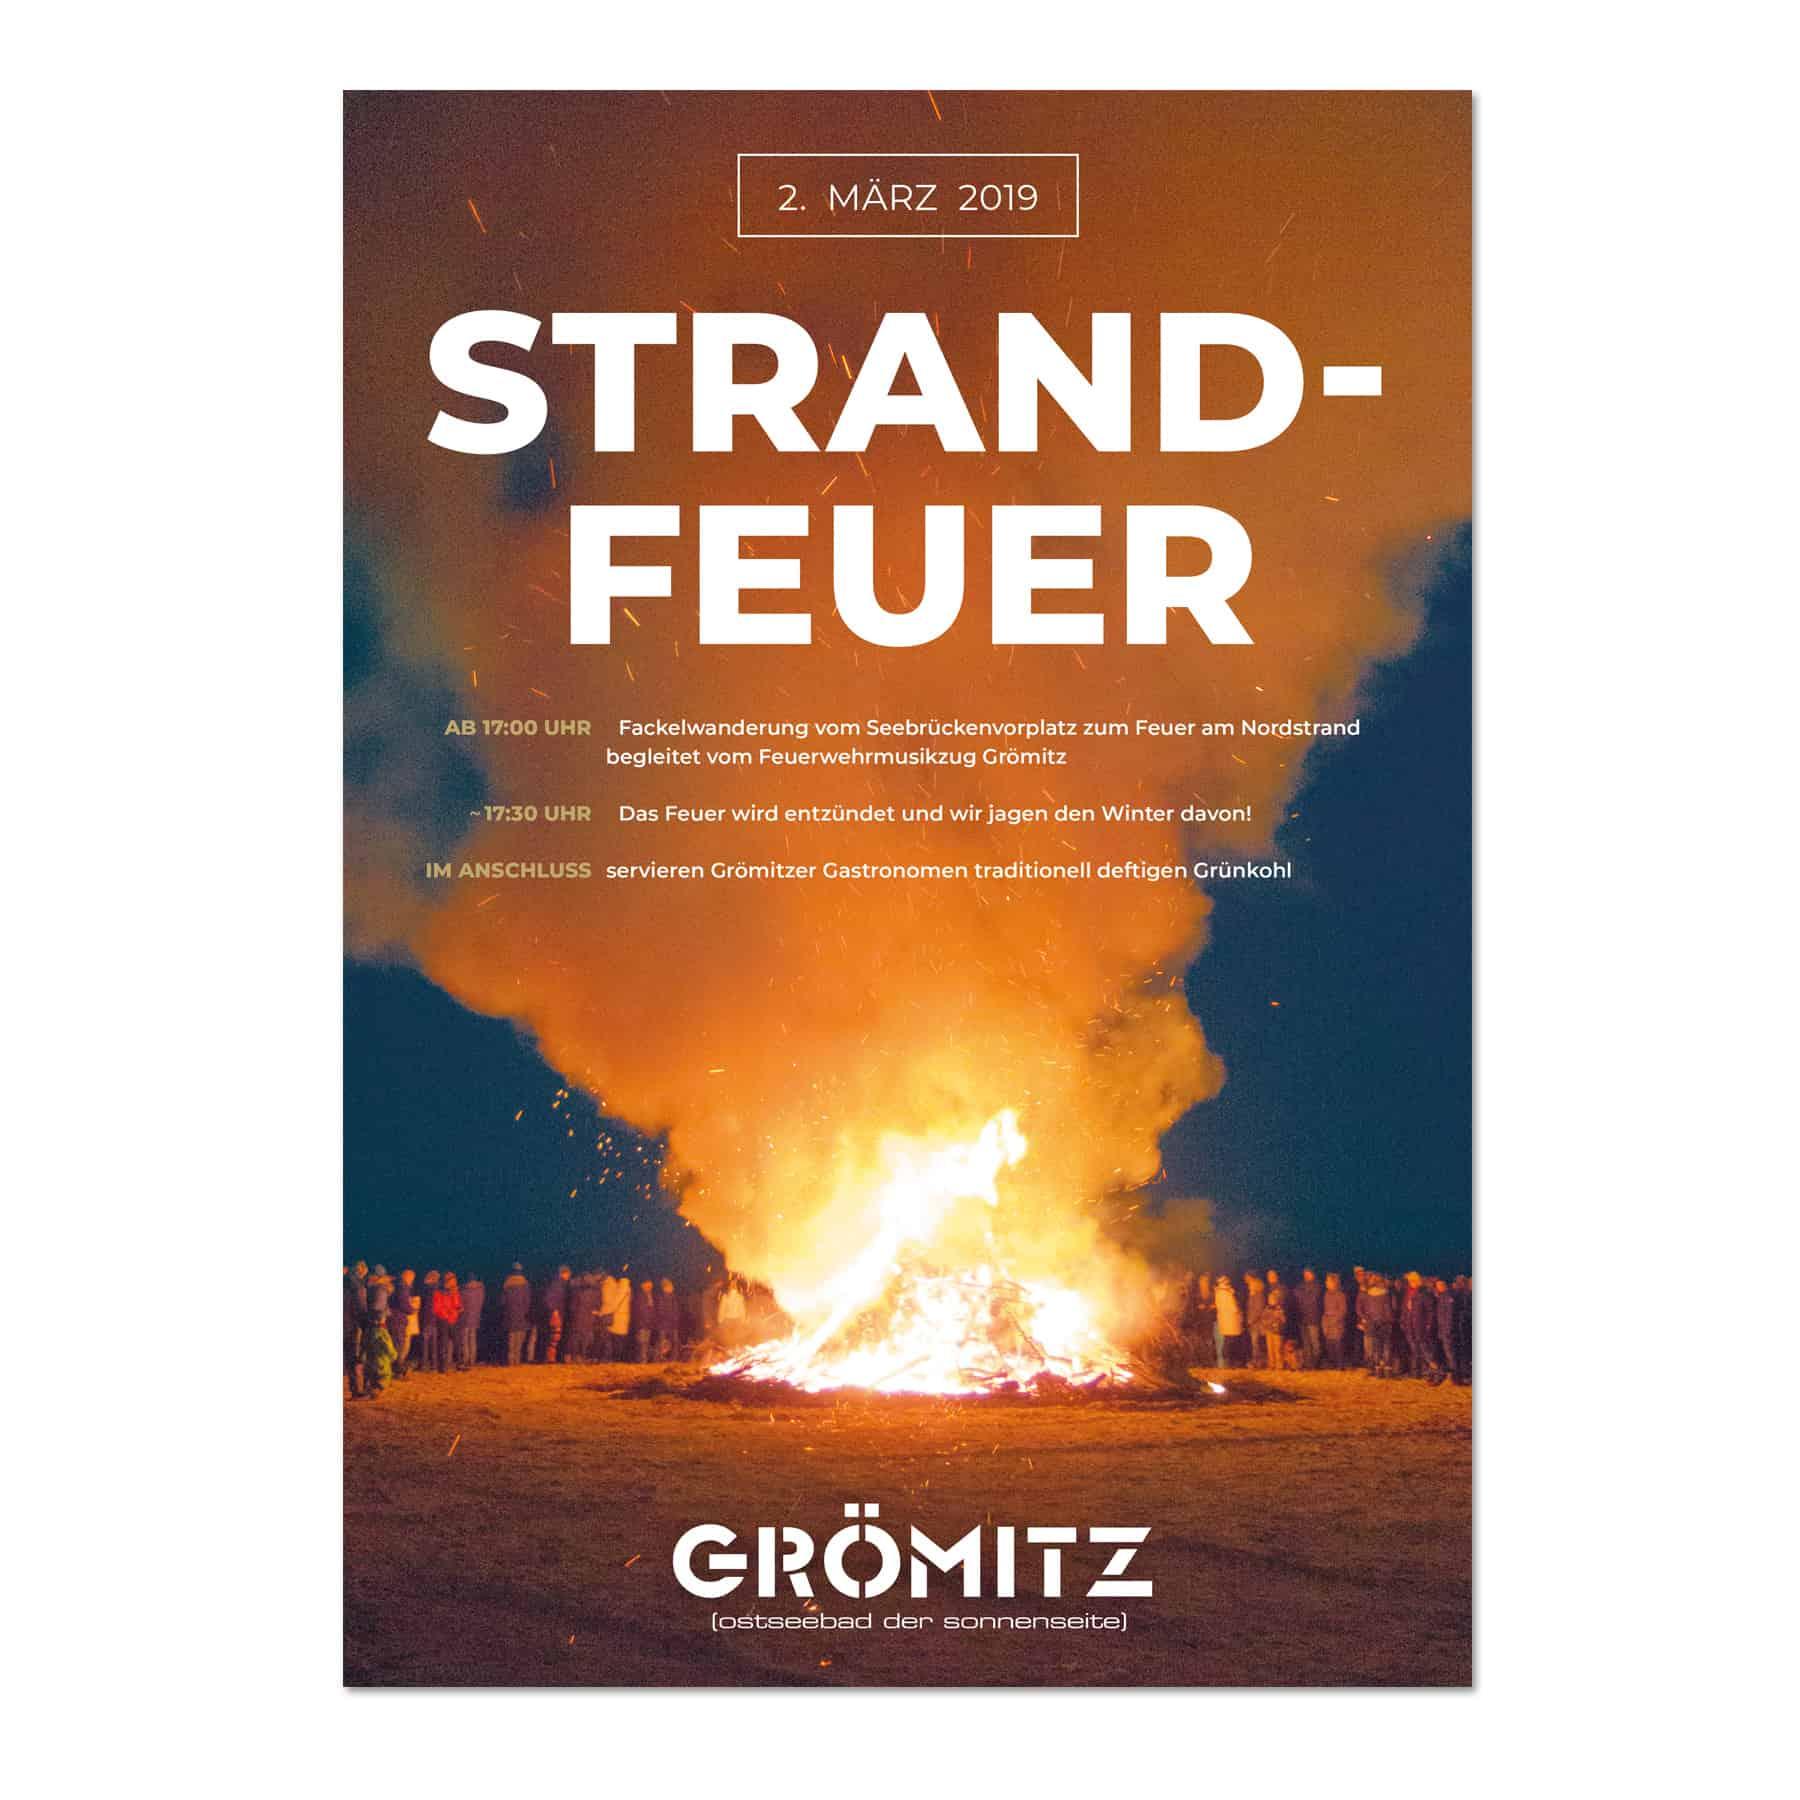 La Deutsche Vita - Drucksachen Plakat Strandfeuer Grömitz